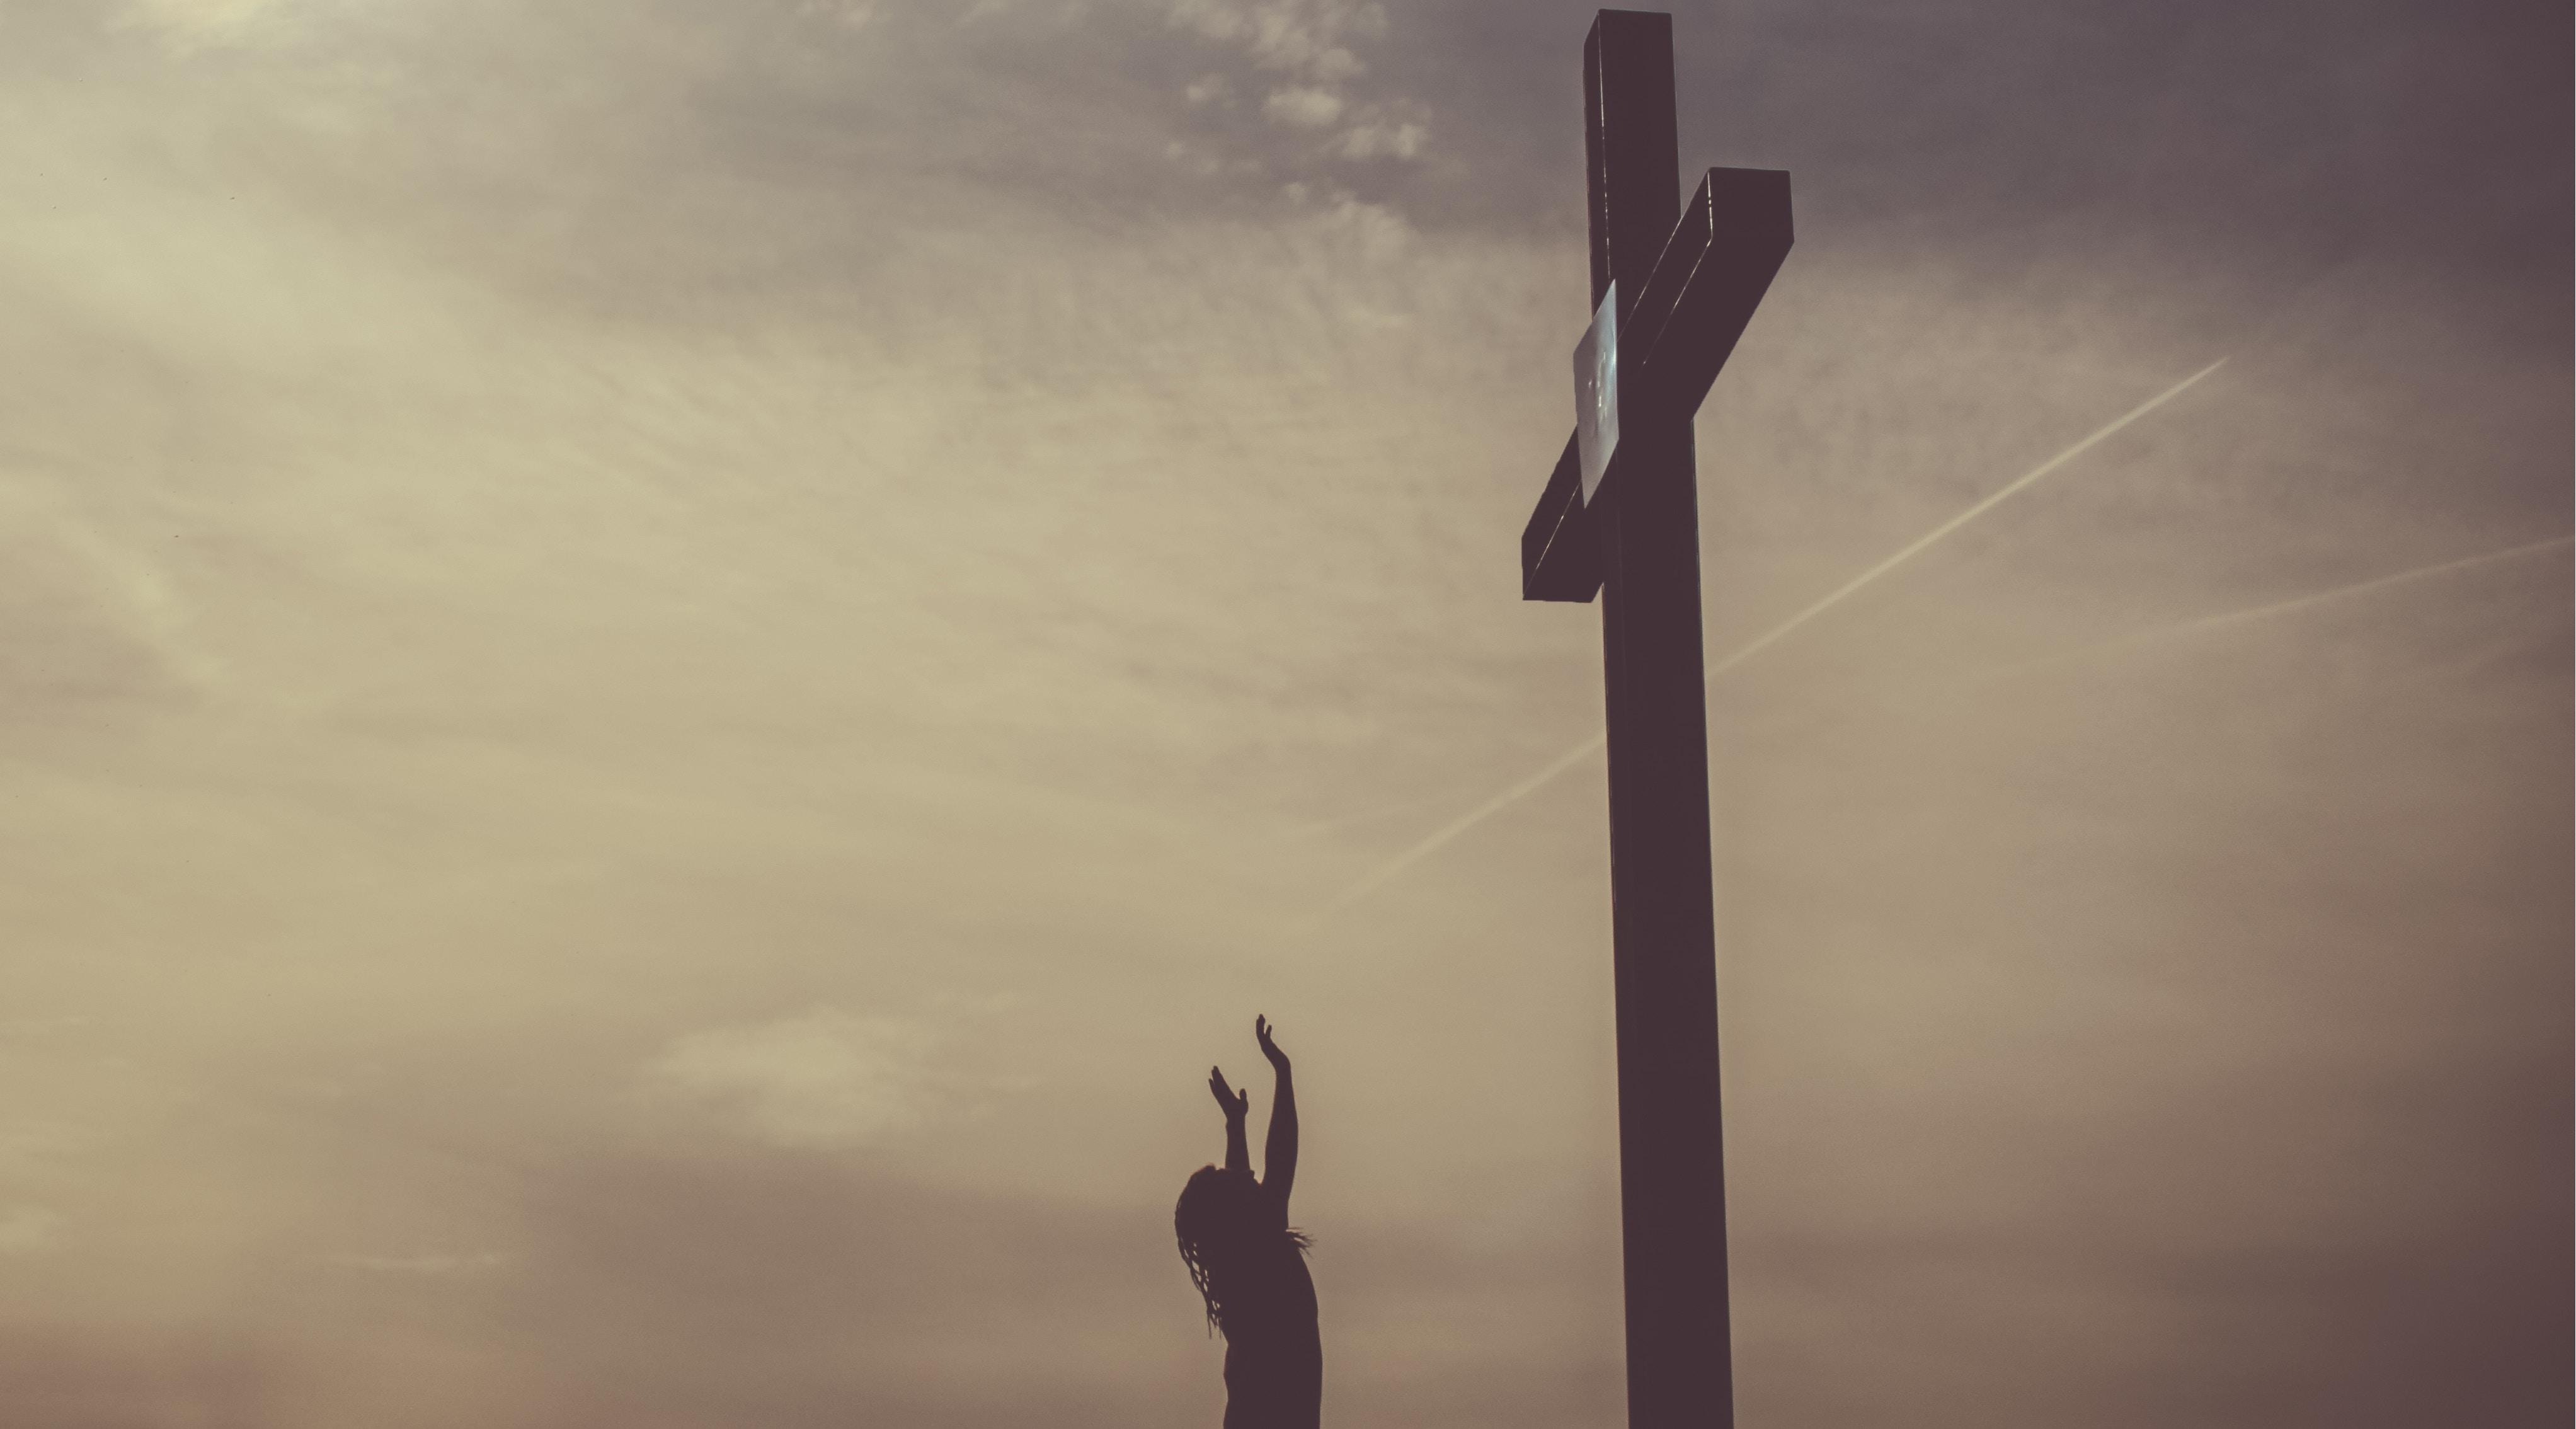 Скачать обои Иисус на телефон бесплатно